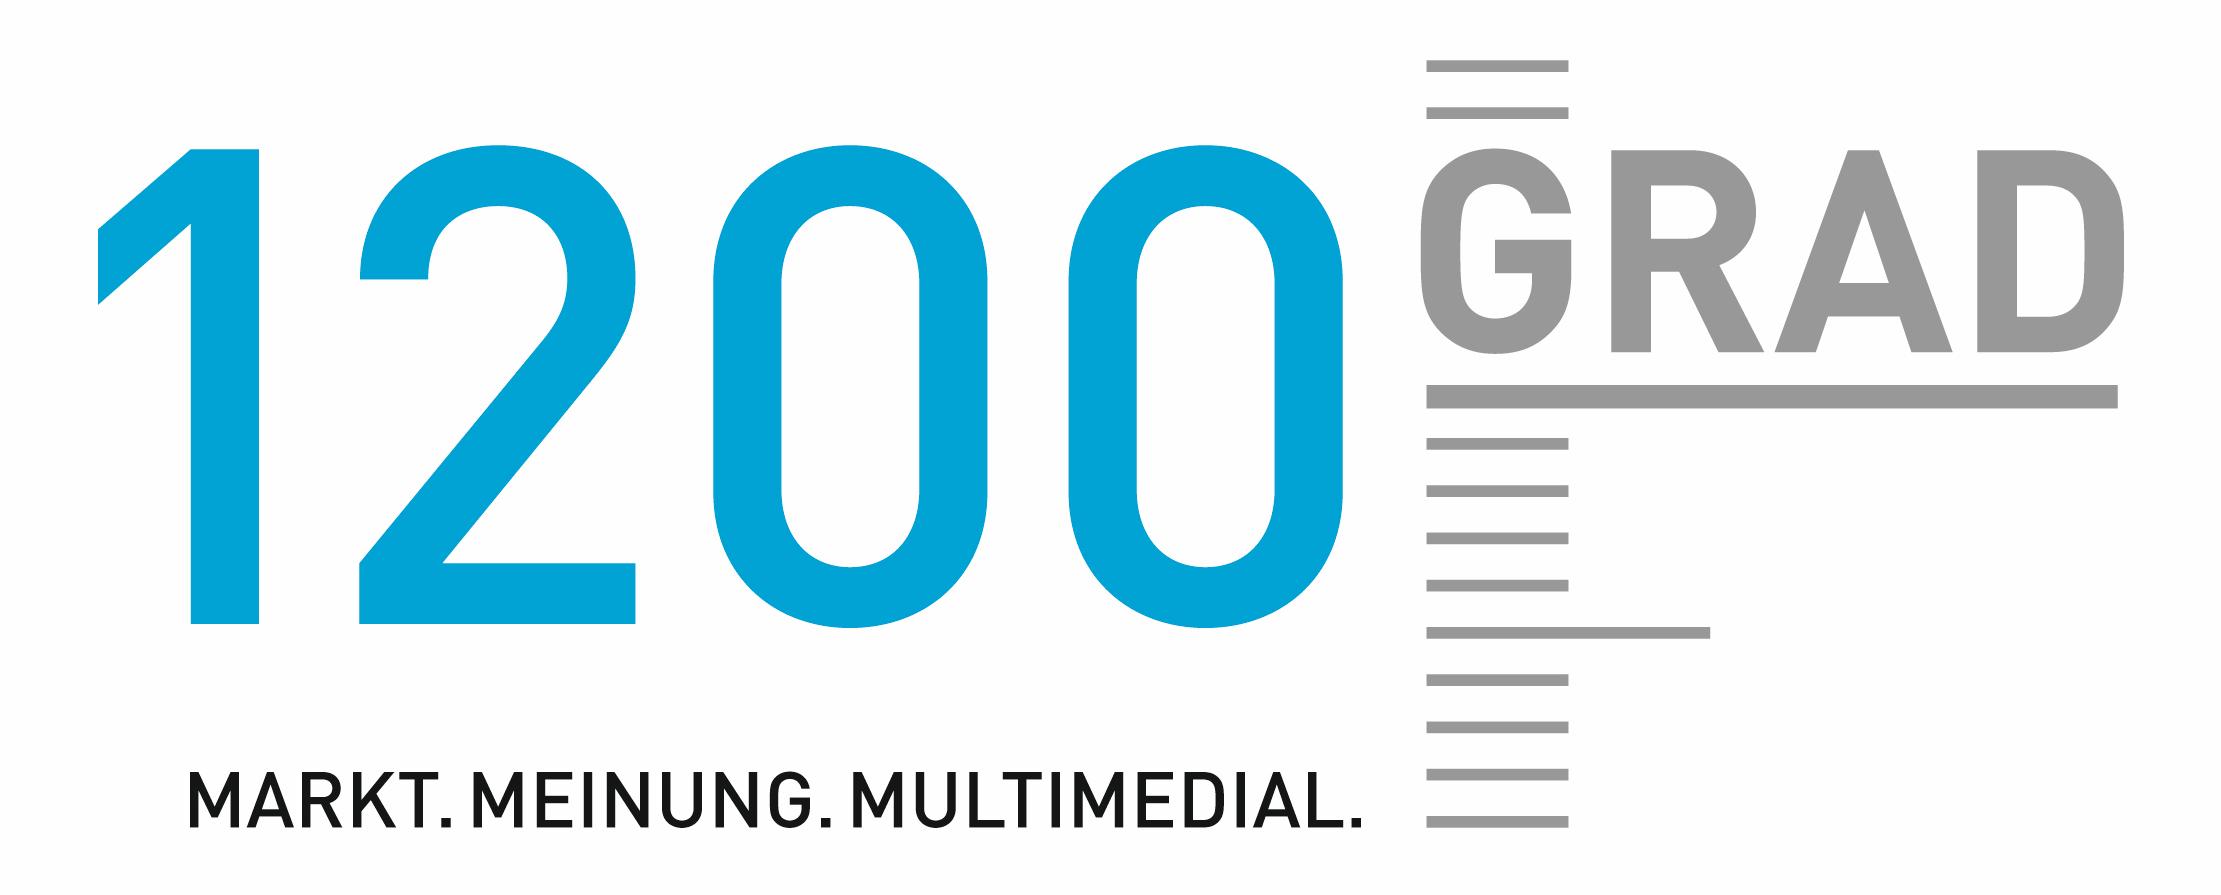 1200grad.com Informationen aus der Keramik- und Zubehör-Branche